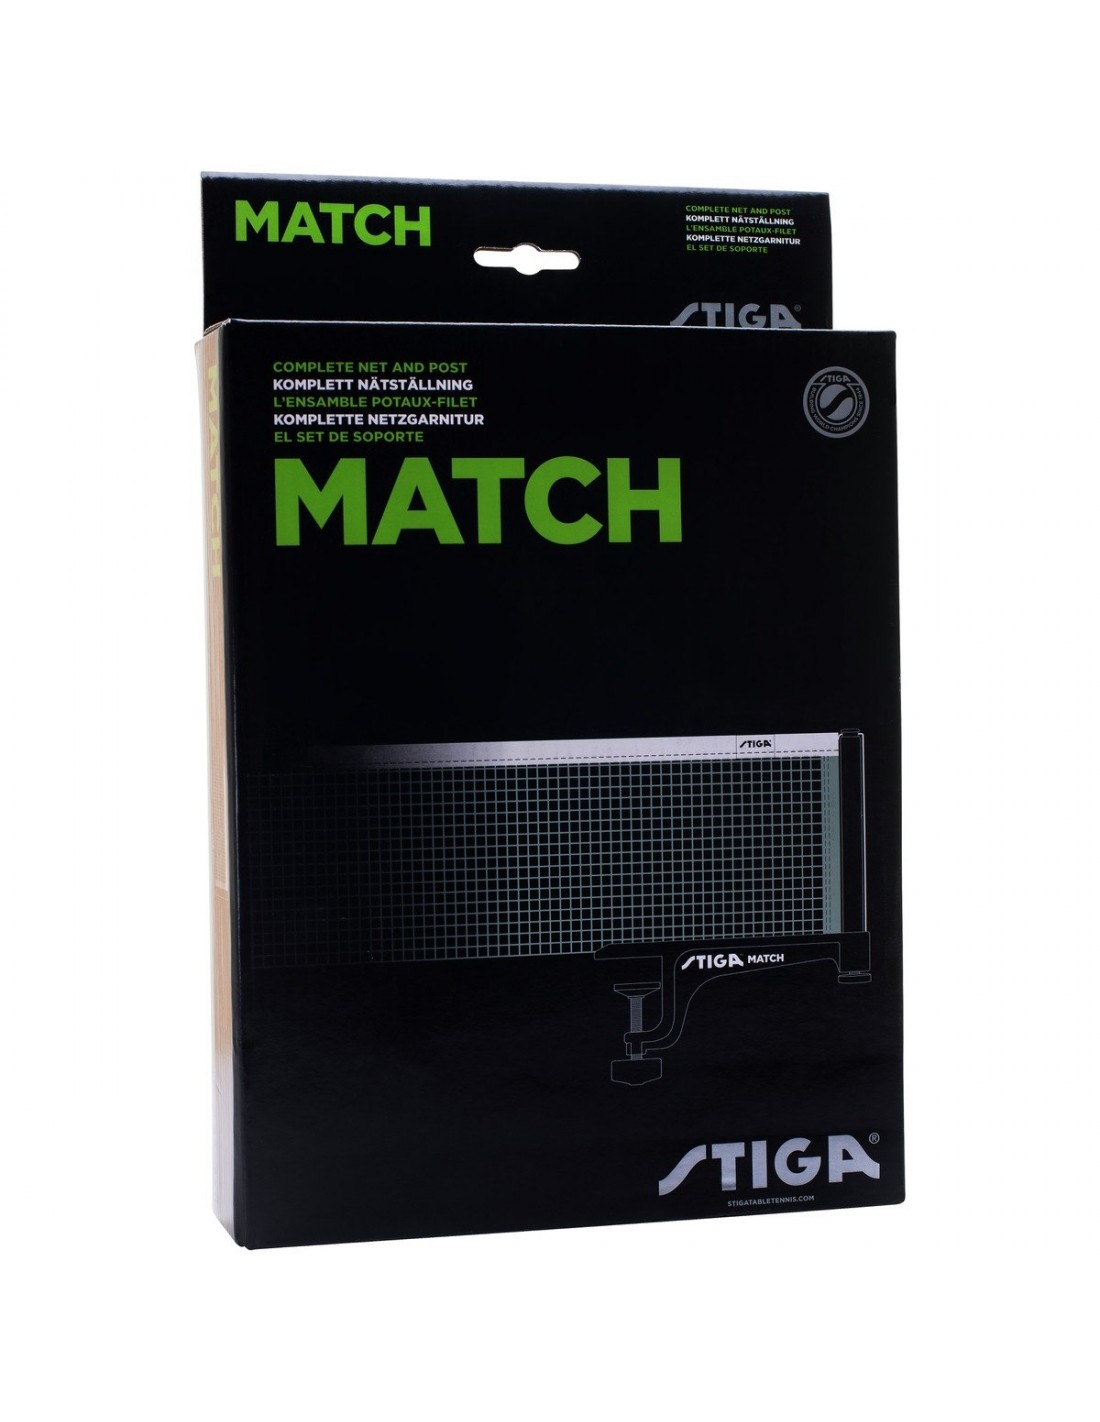 Bordtennis Stiga Match Nett 637000 399 kr